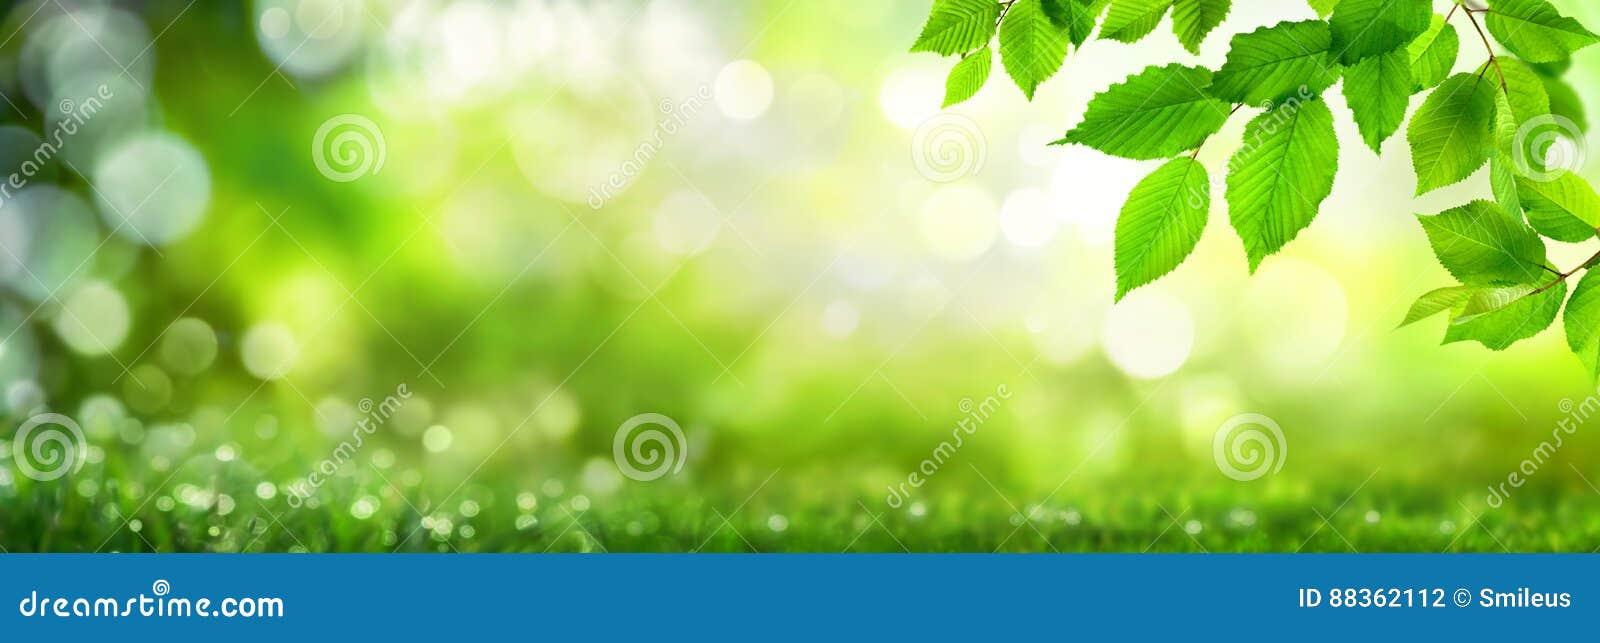 Листья зеленого цвета на предпосылке природы bokeh